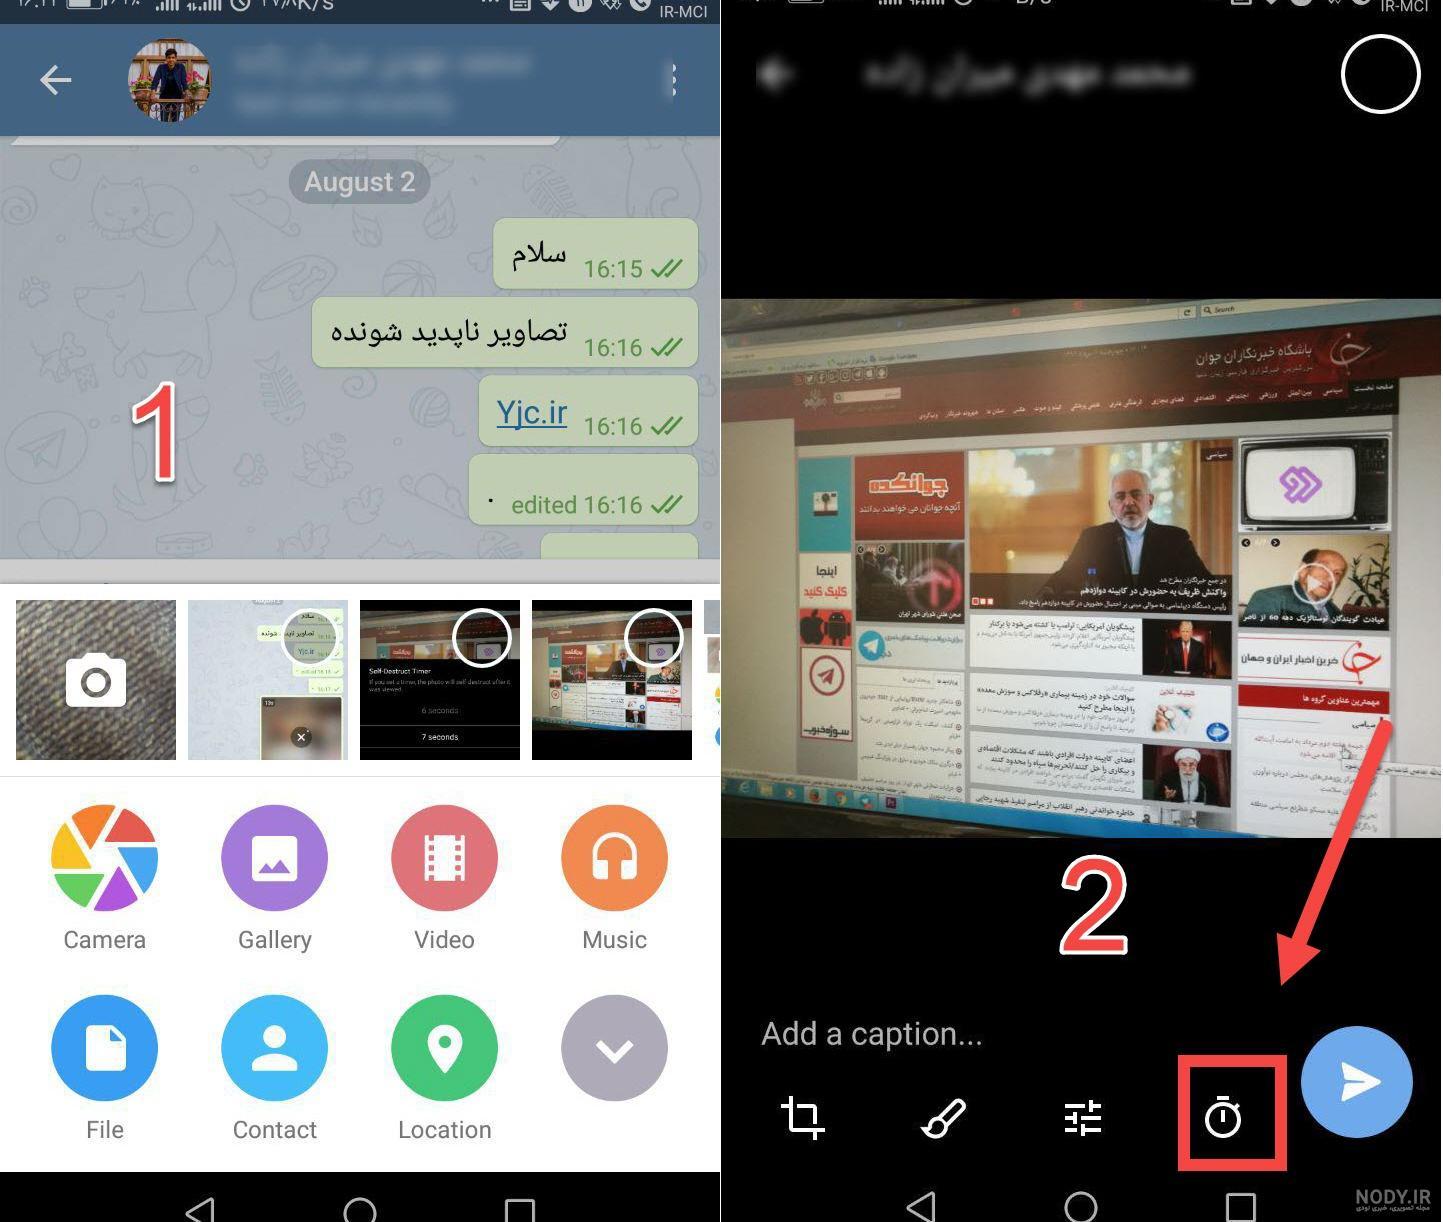 چجوری تو تلگرام عکس ثانیه ای بفرستیم